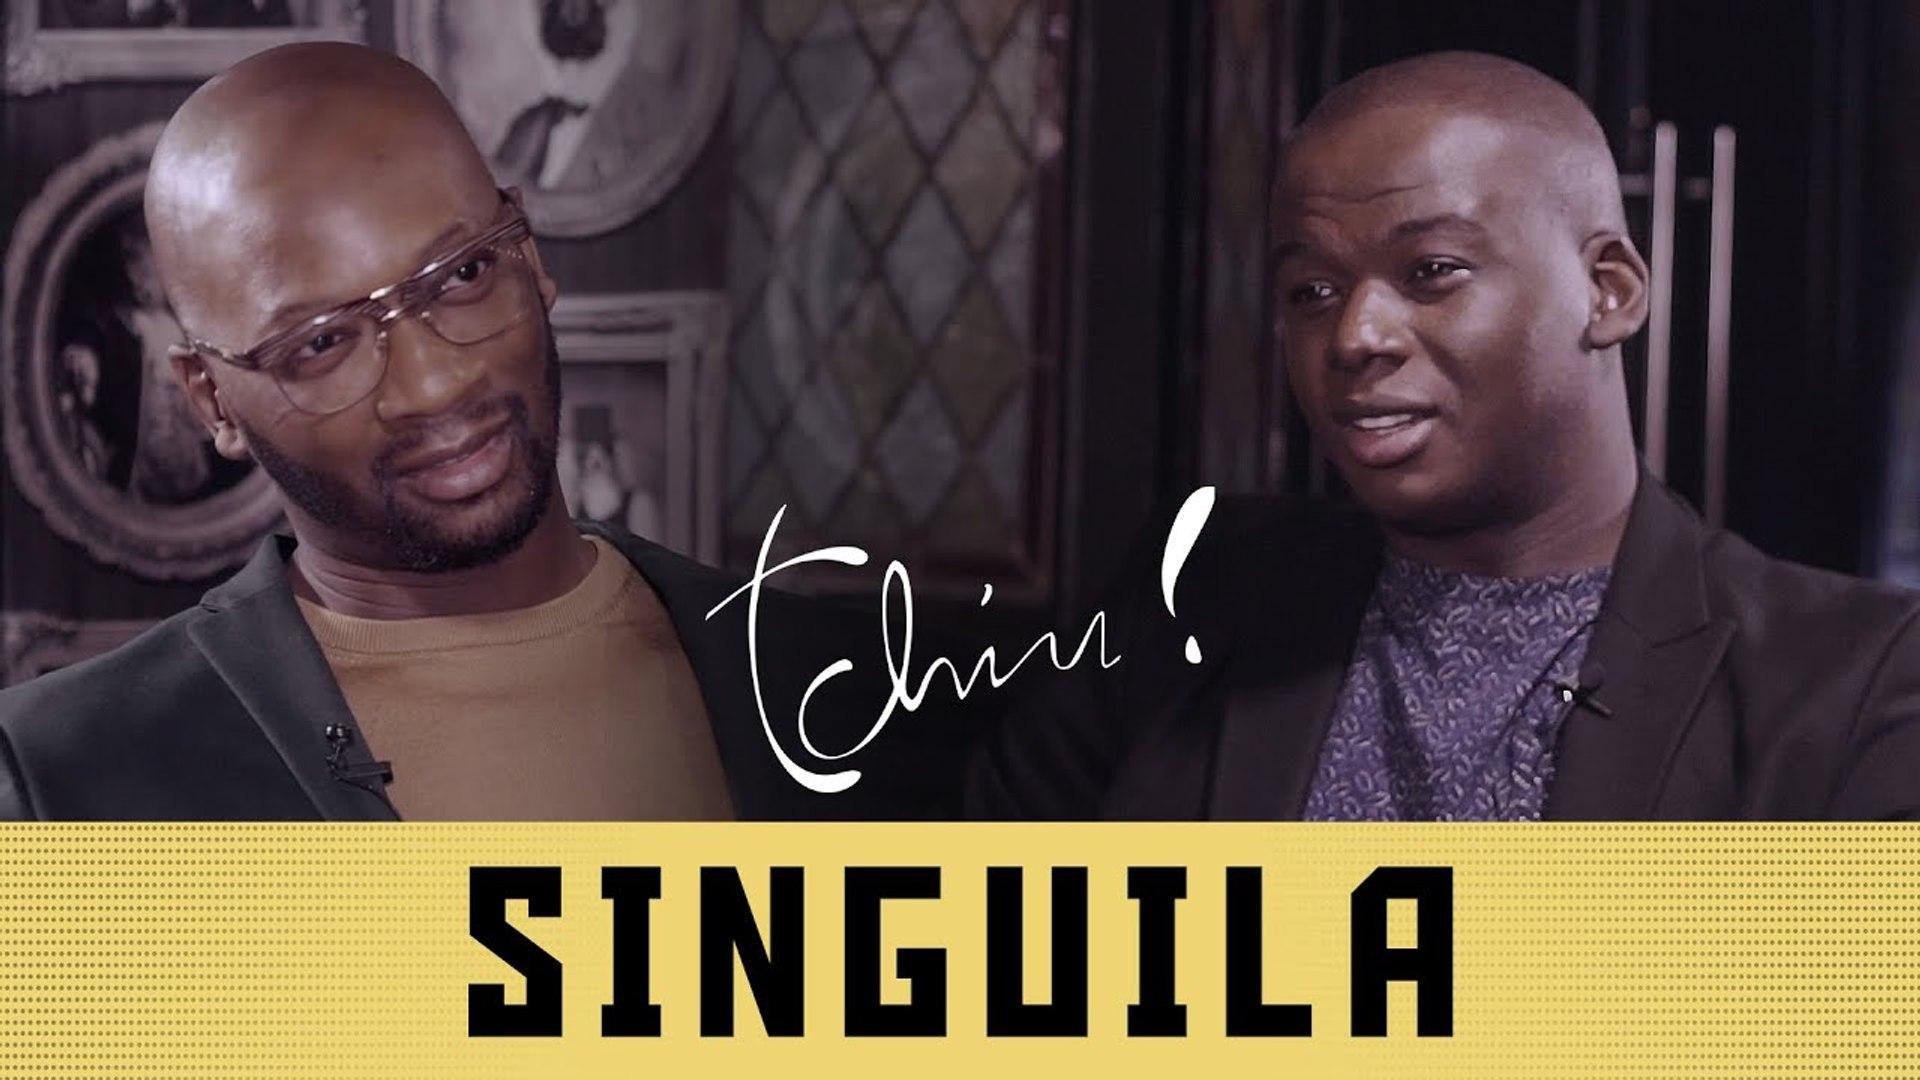 SINGUILA Singuila Le Sang Chaud.